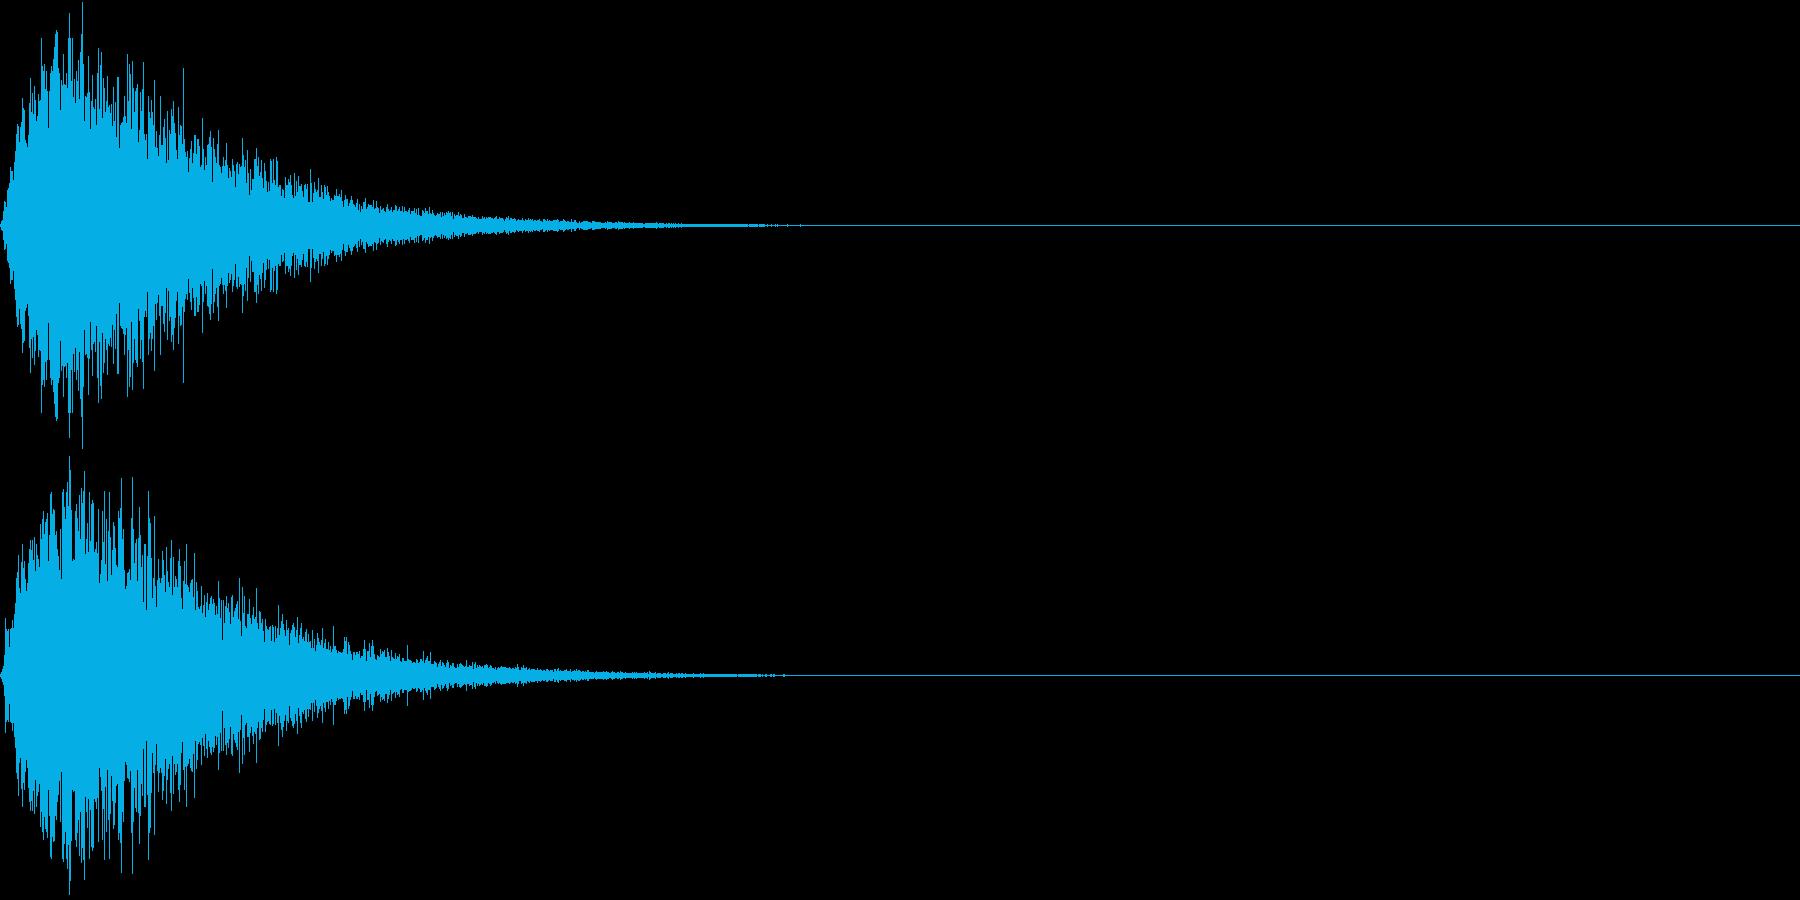 キュイン ボタン ピキーン キーン 9の再生済みの波形